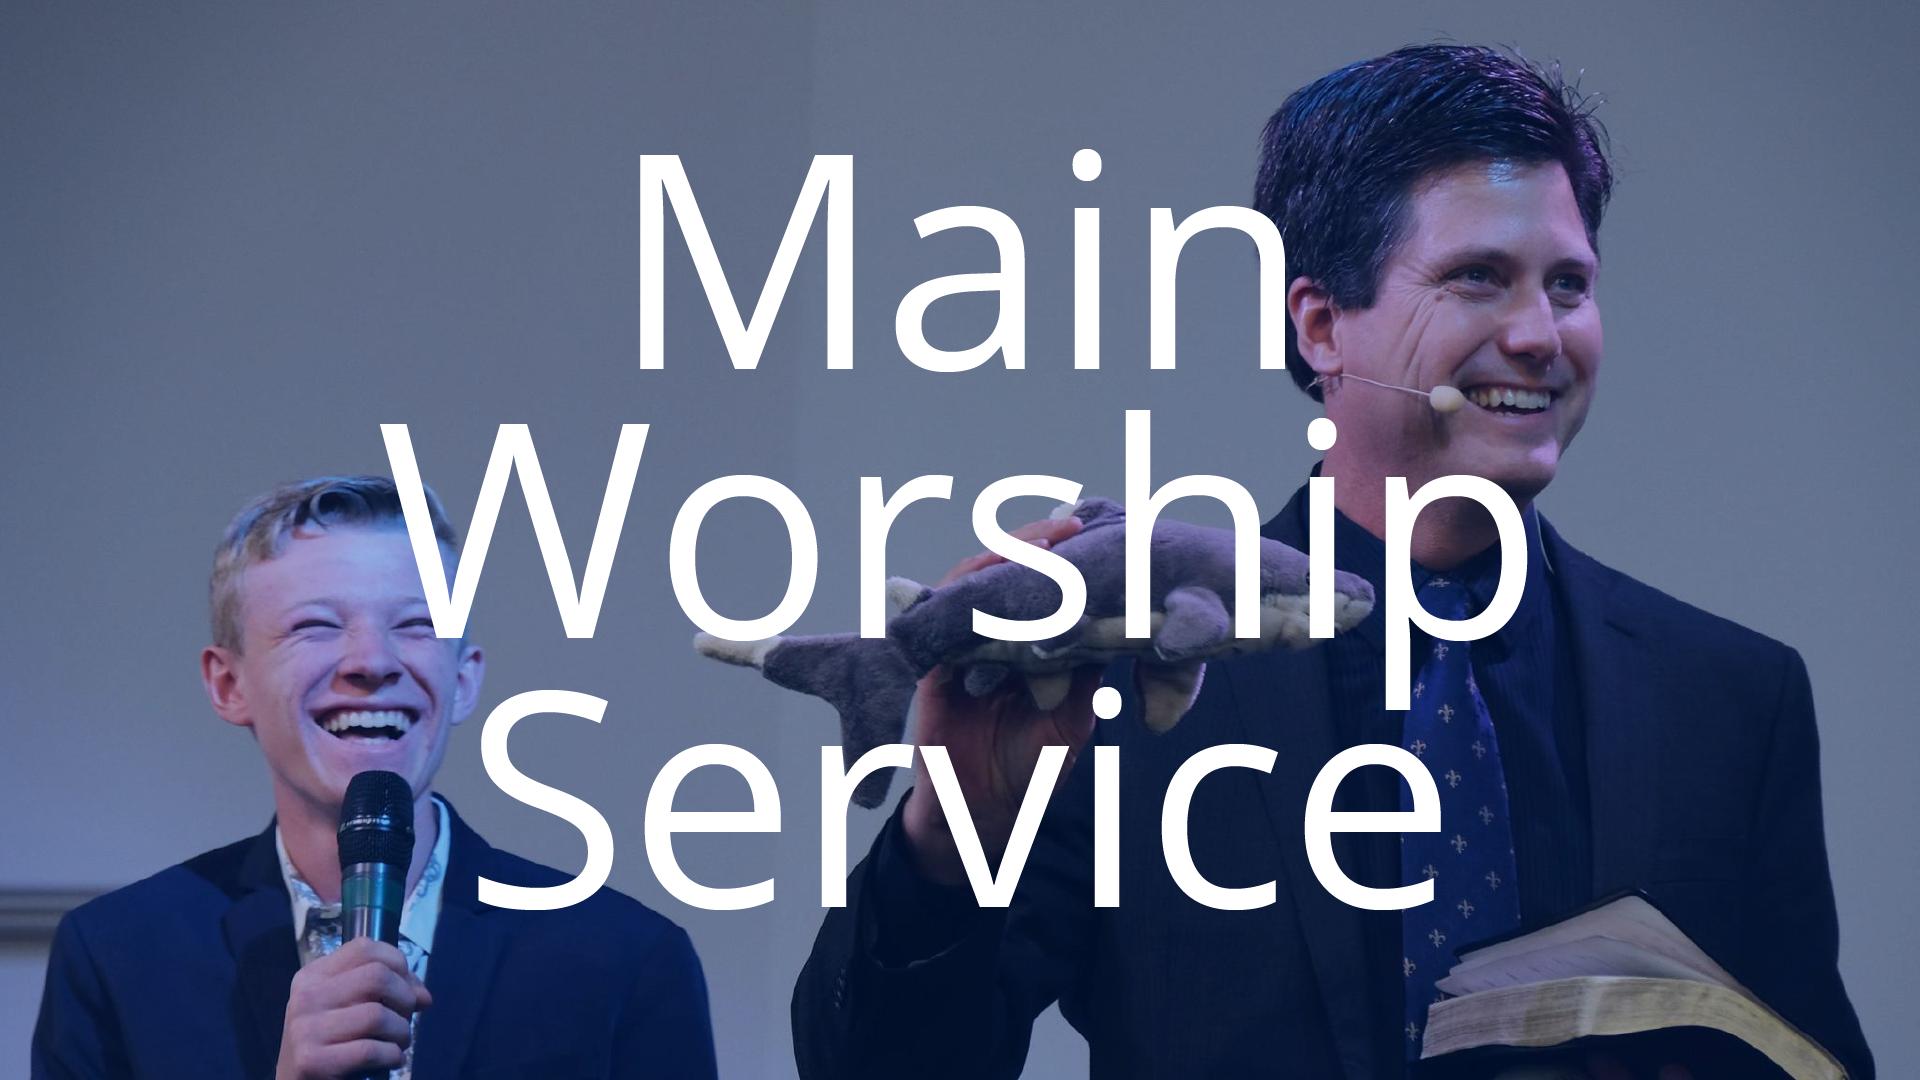 Main Worship Service